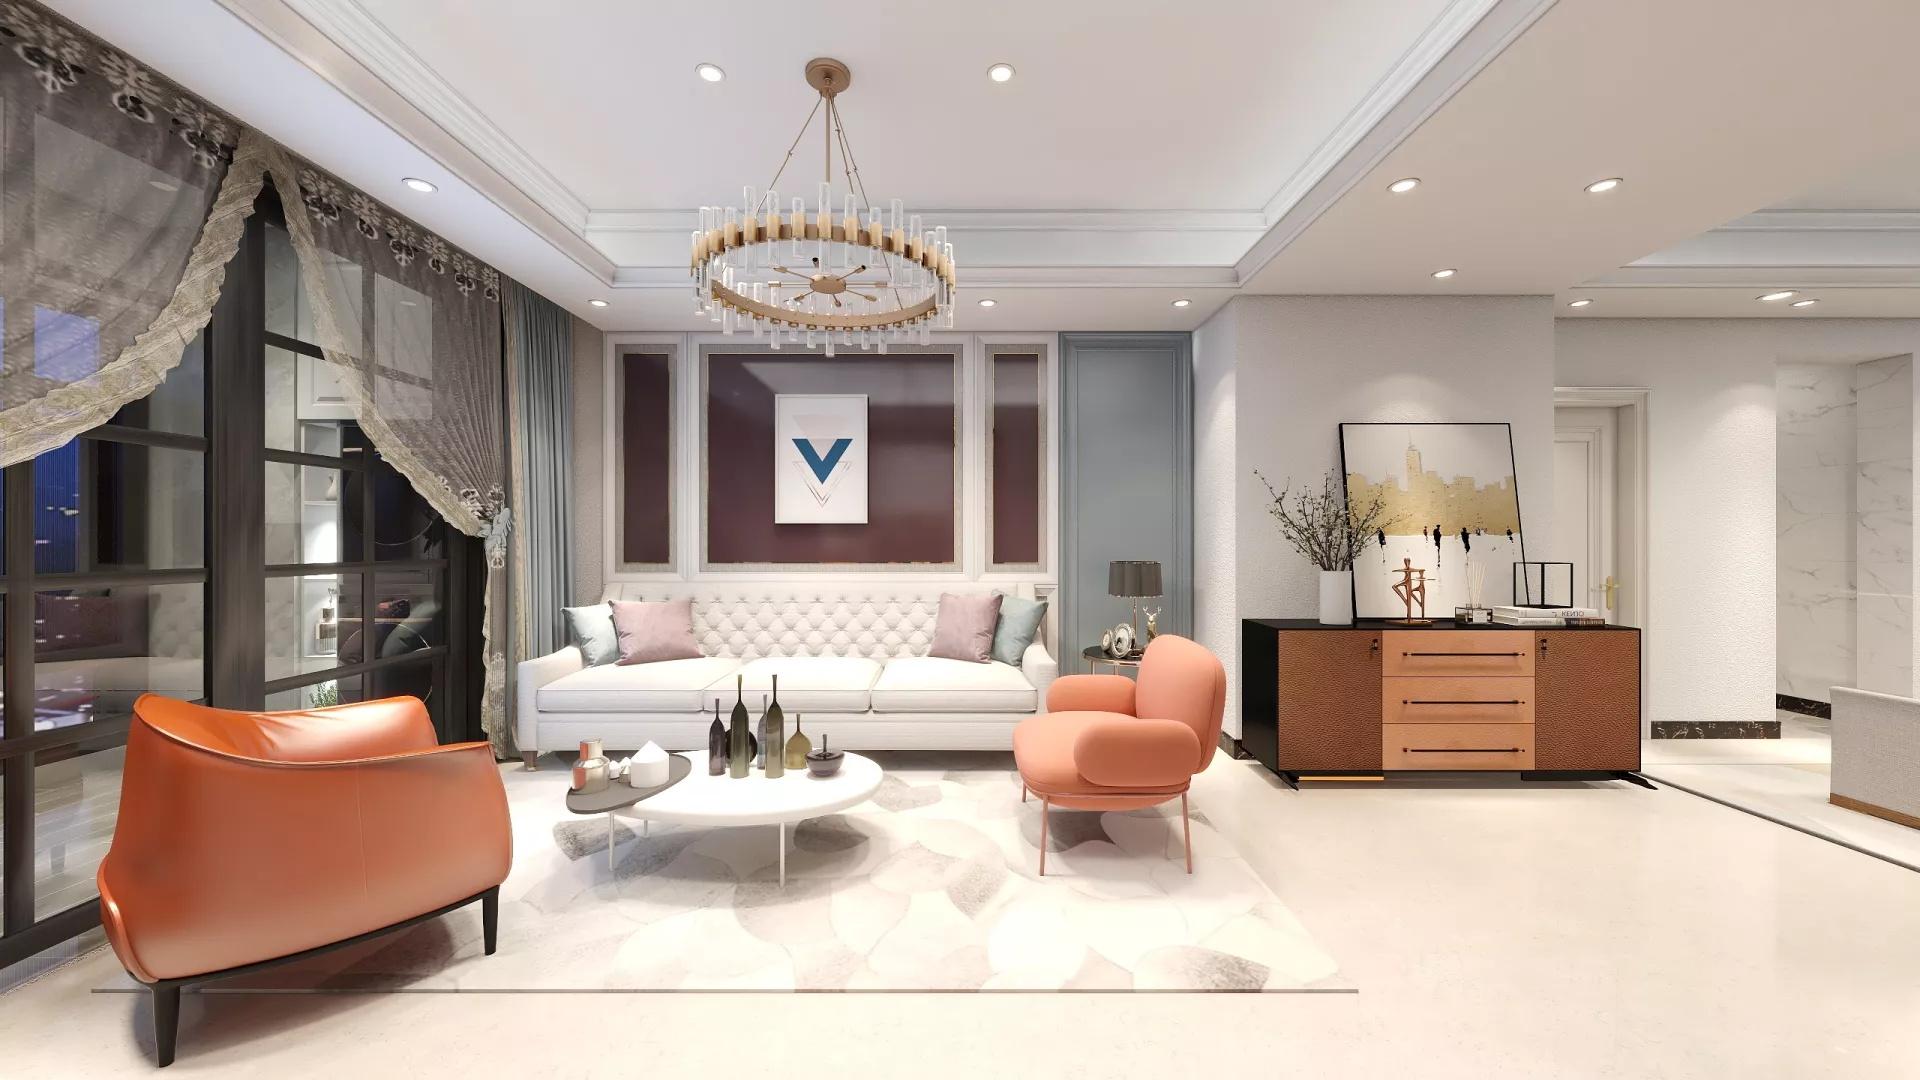 白色简洁风格客厅装修效果图